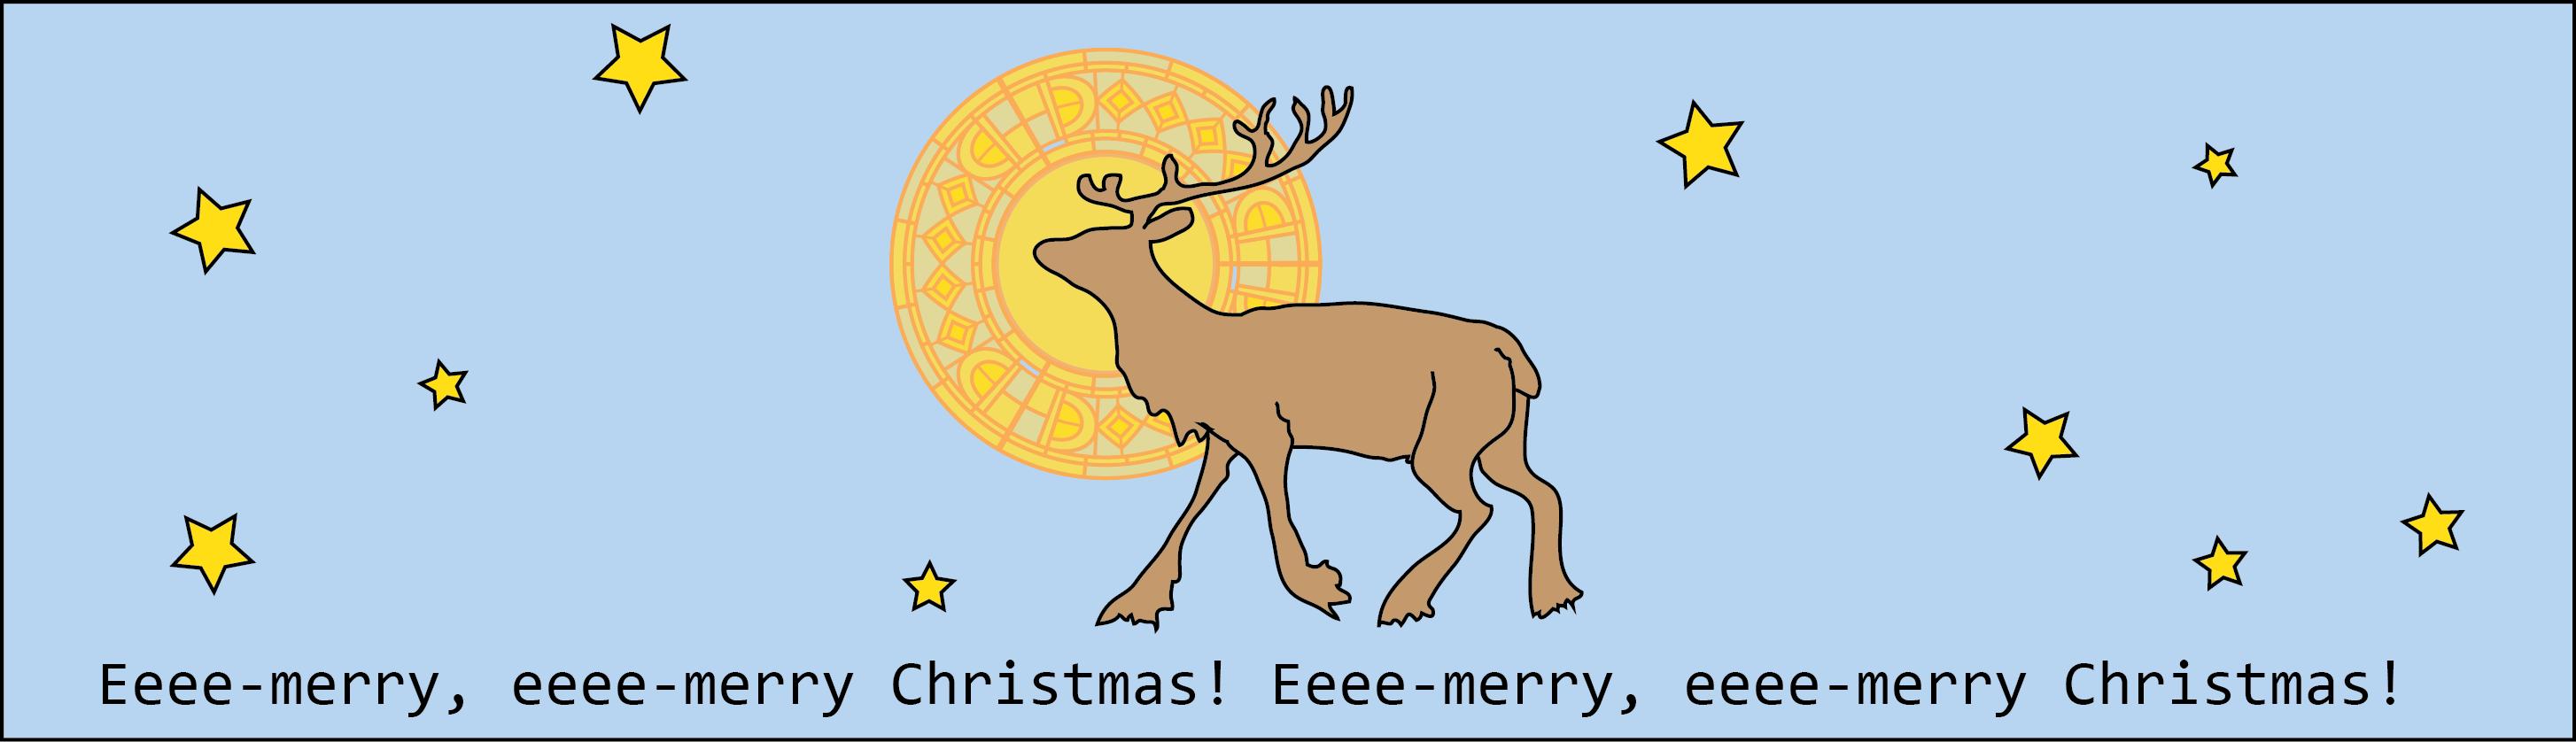 Reindeer with a halo sings: Eeee-merry, eeee-merry Christmas